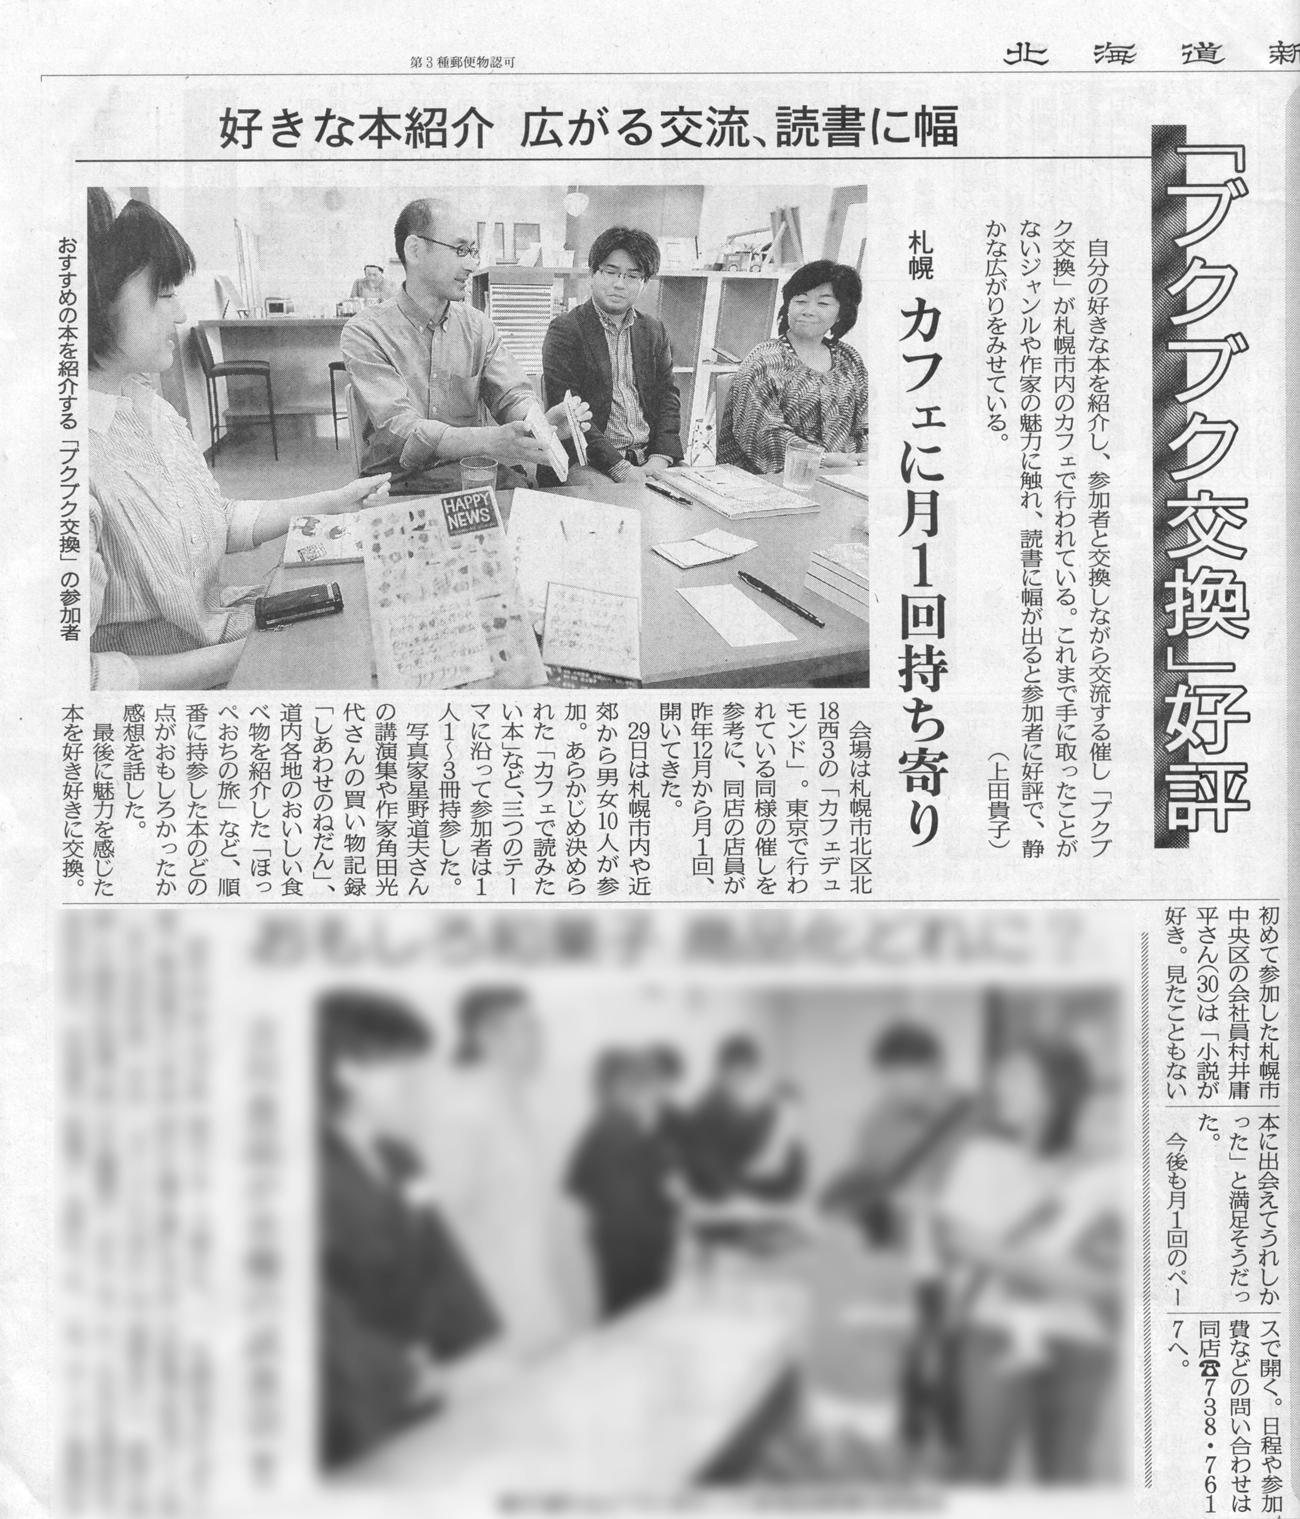 hokkaidou news paper